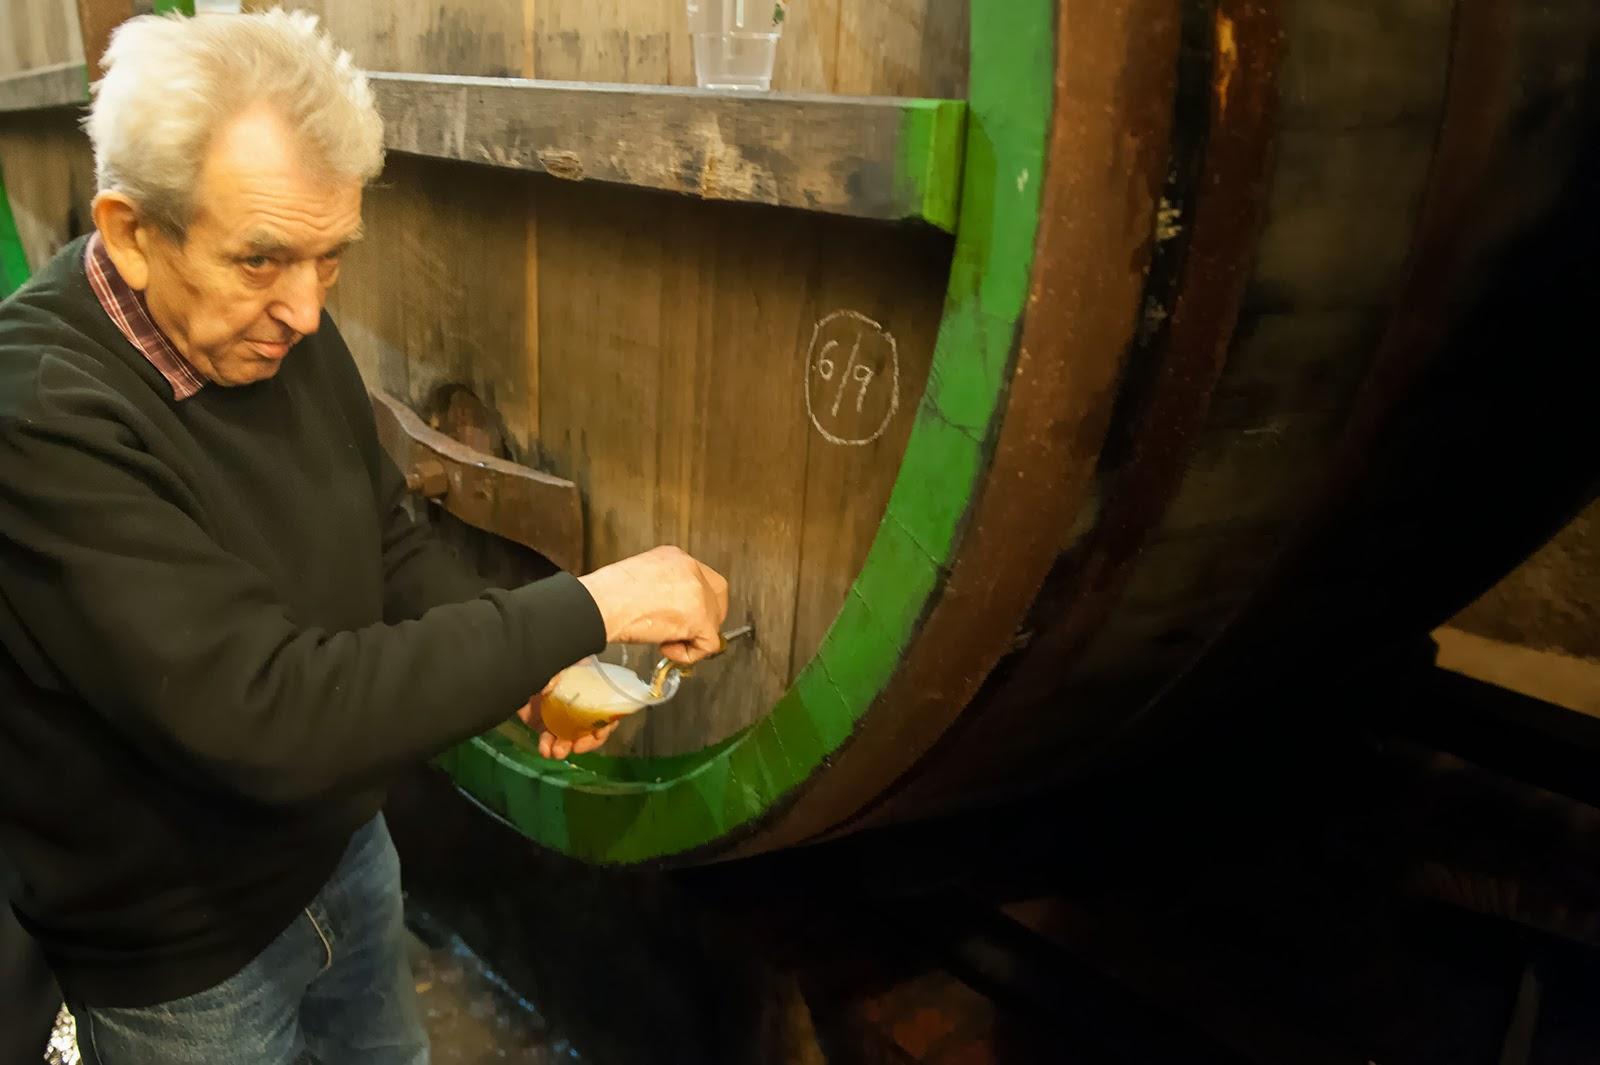 Plzen Czech Republic, Plzen, Pilsen, Czech Republic, Pilsner Urquell, Pilsner Beer, Beer Barrel, Barrel